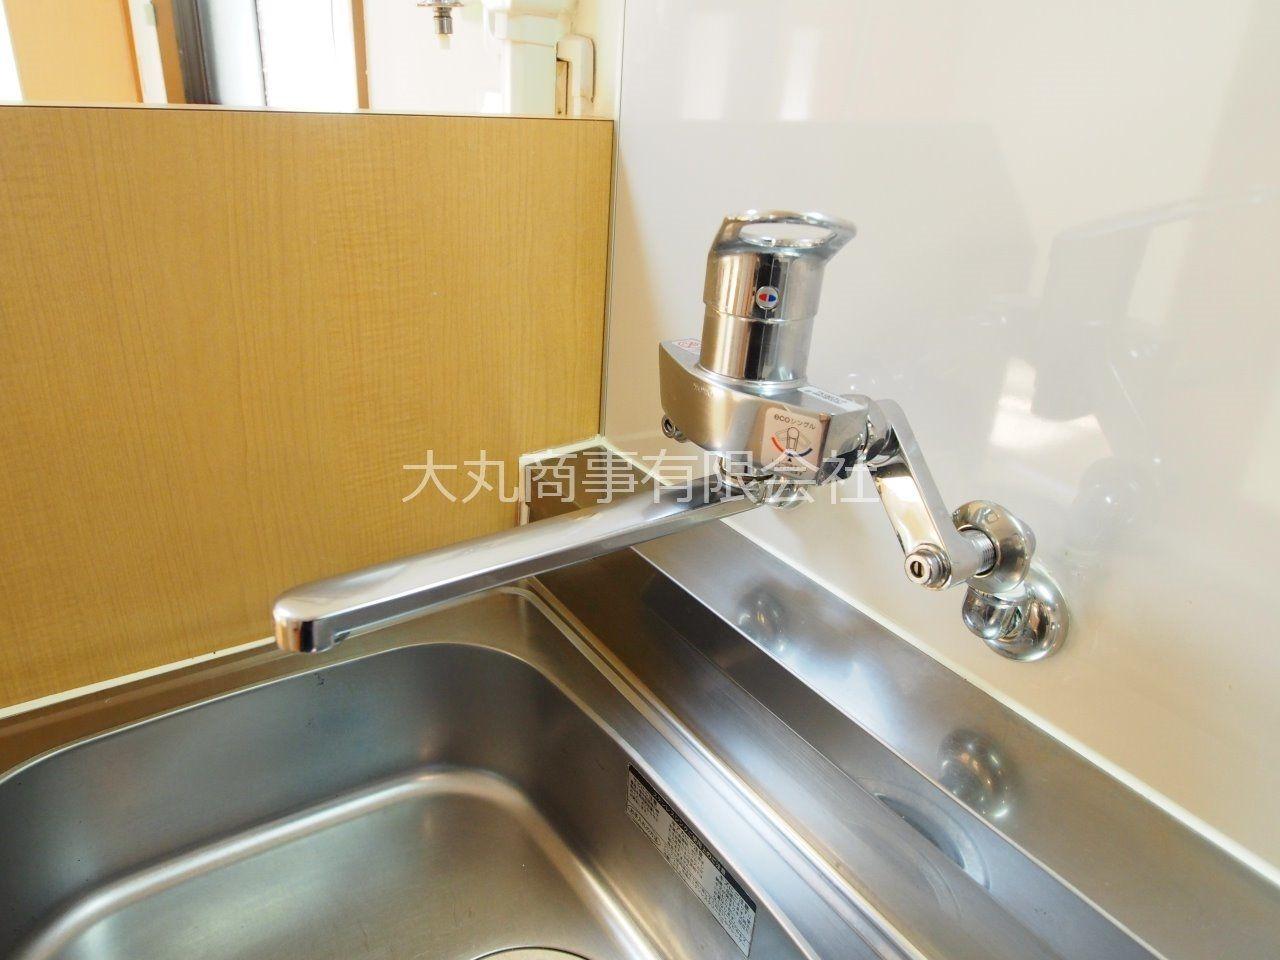 ワンレバー式で湯水の切り替えがラクラク